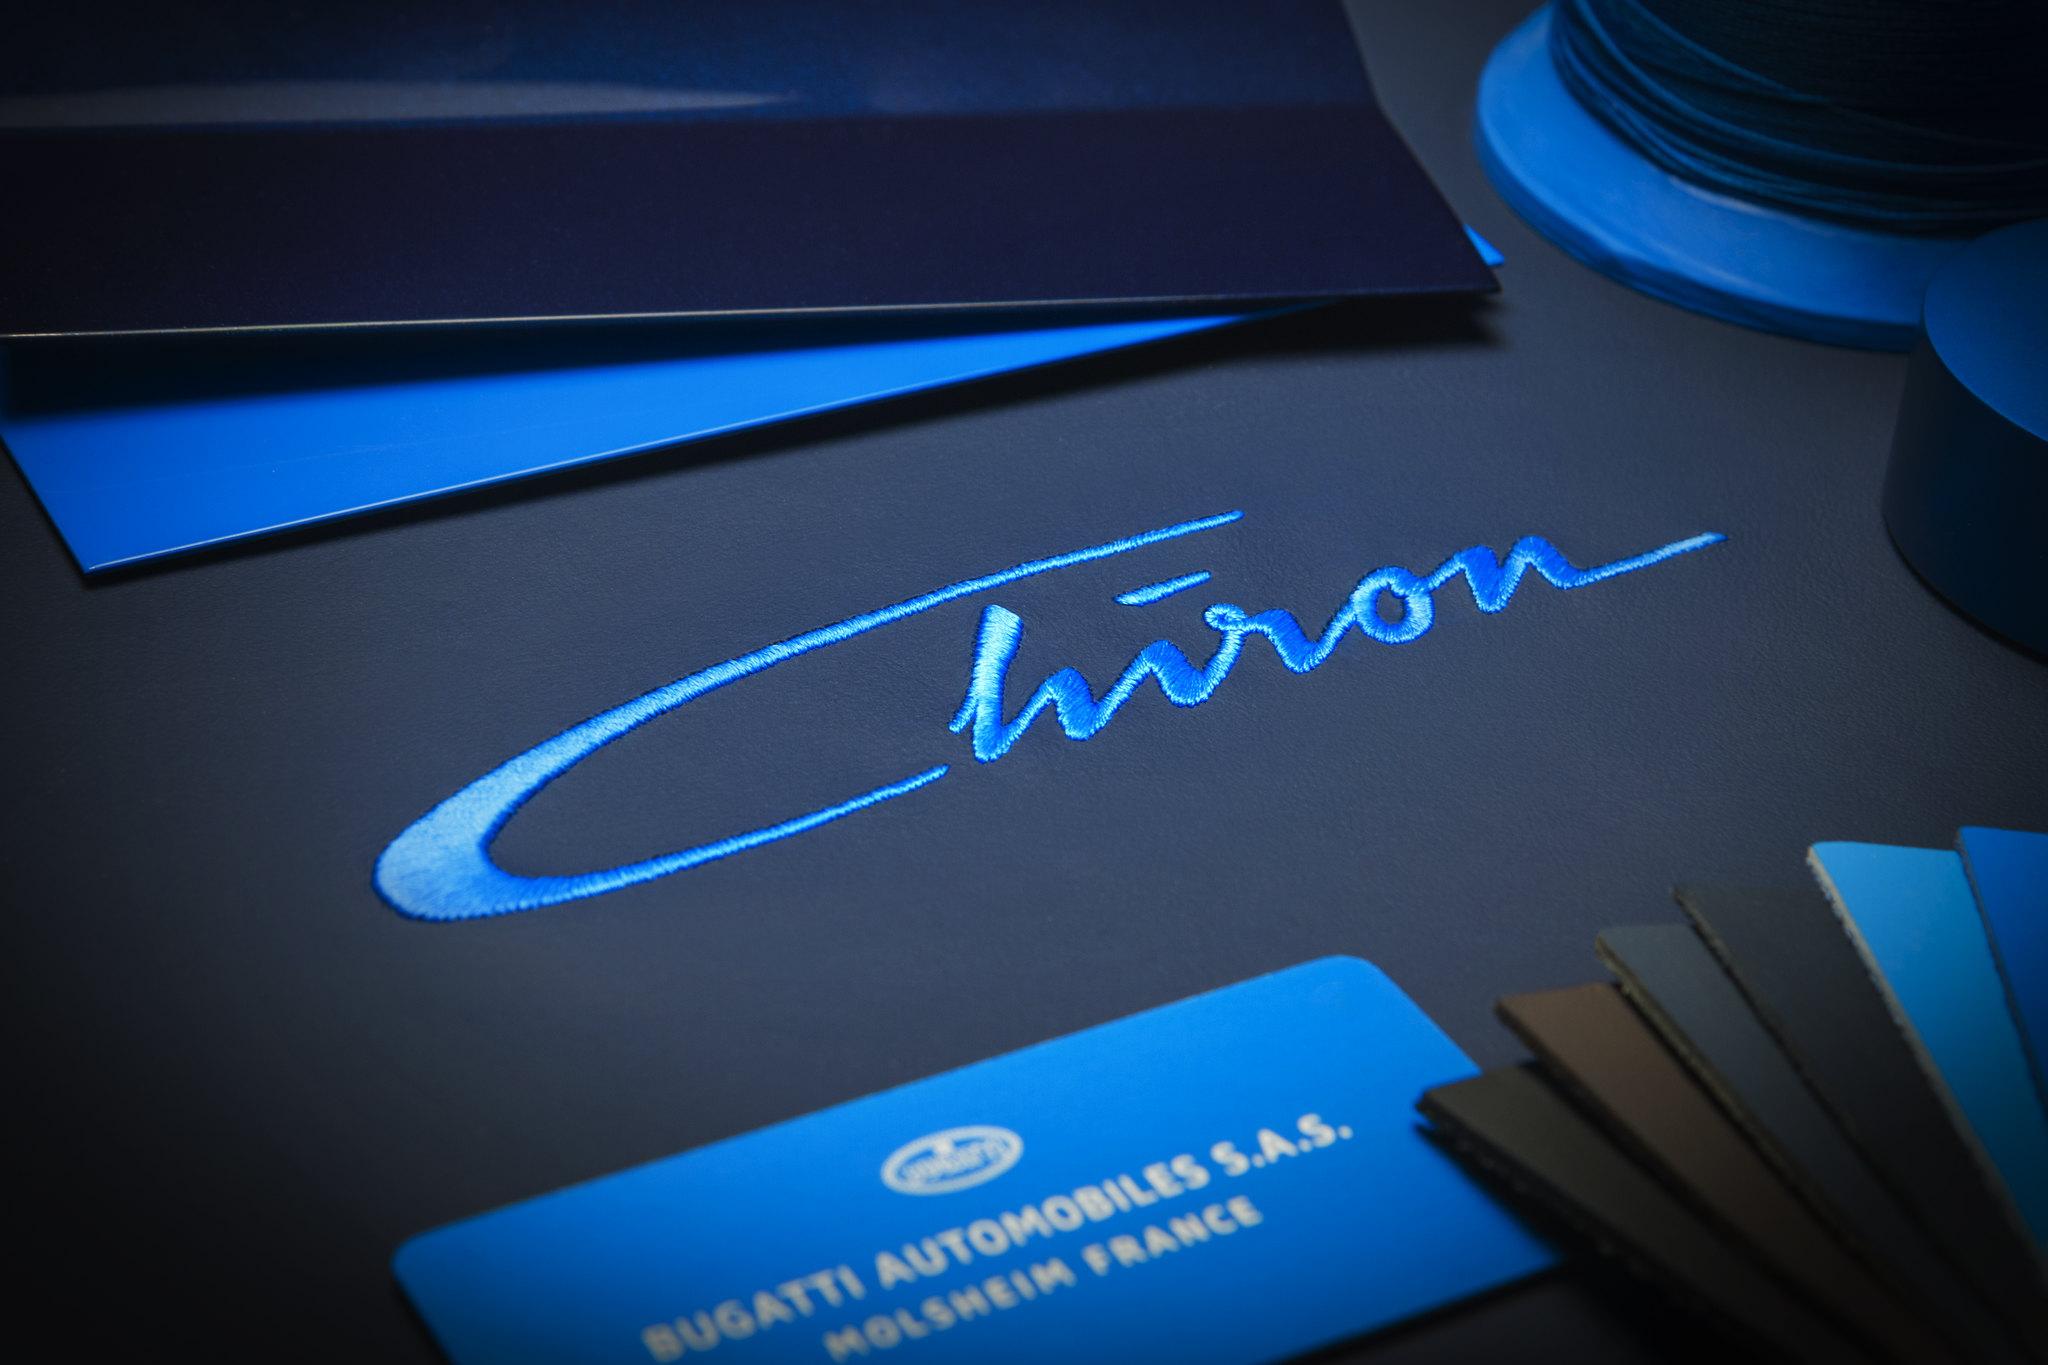 Bugatti Chiron to debut in Geneva in 2016